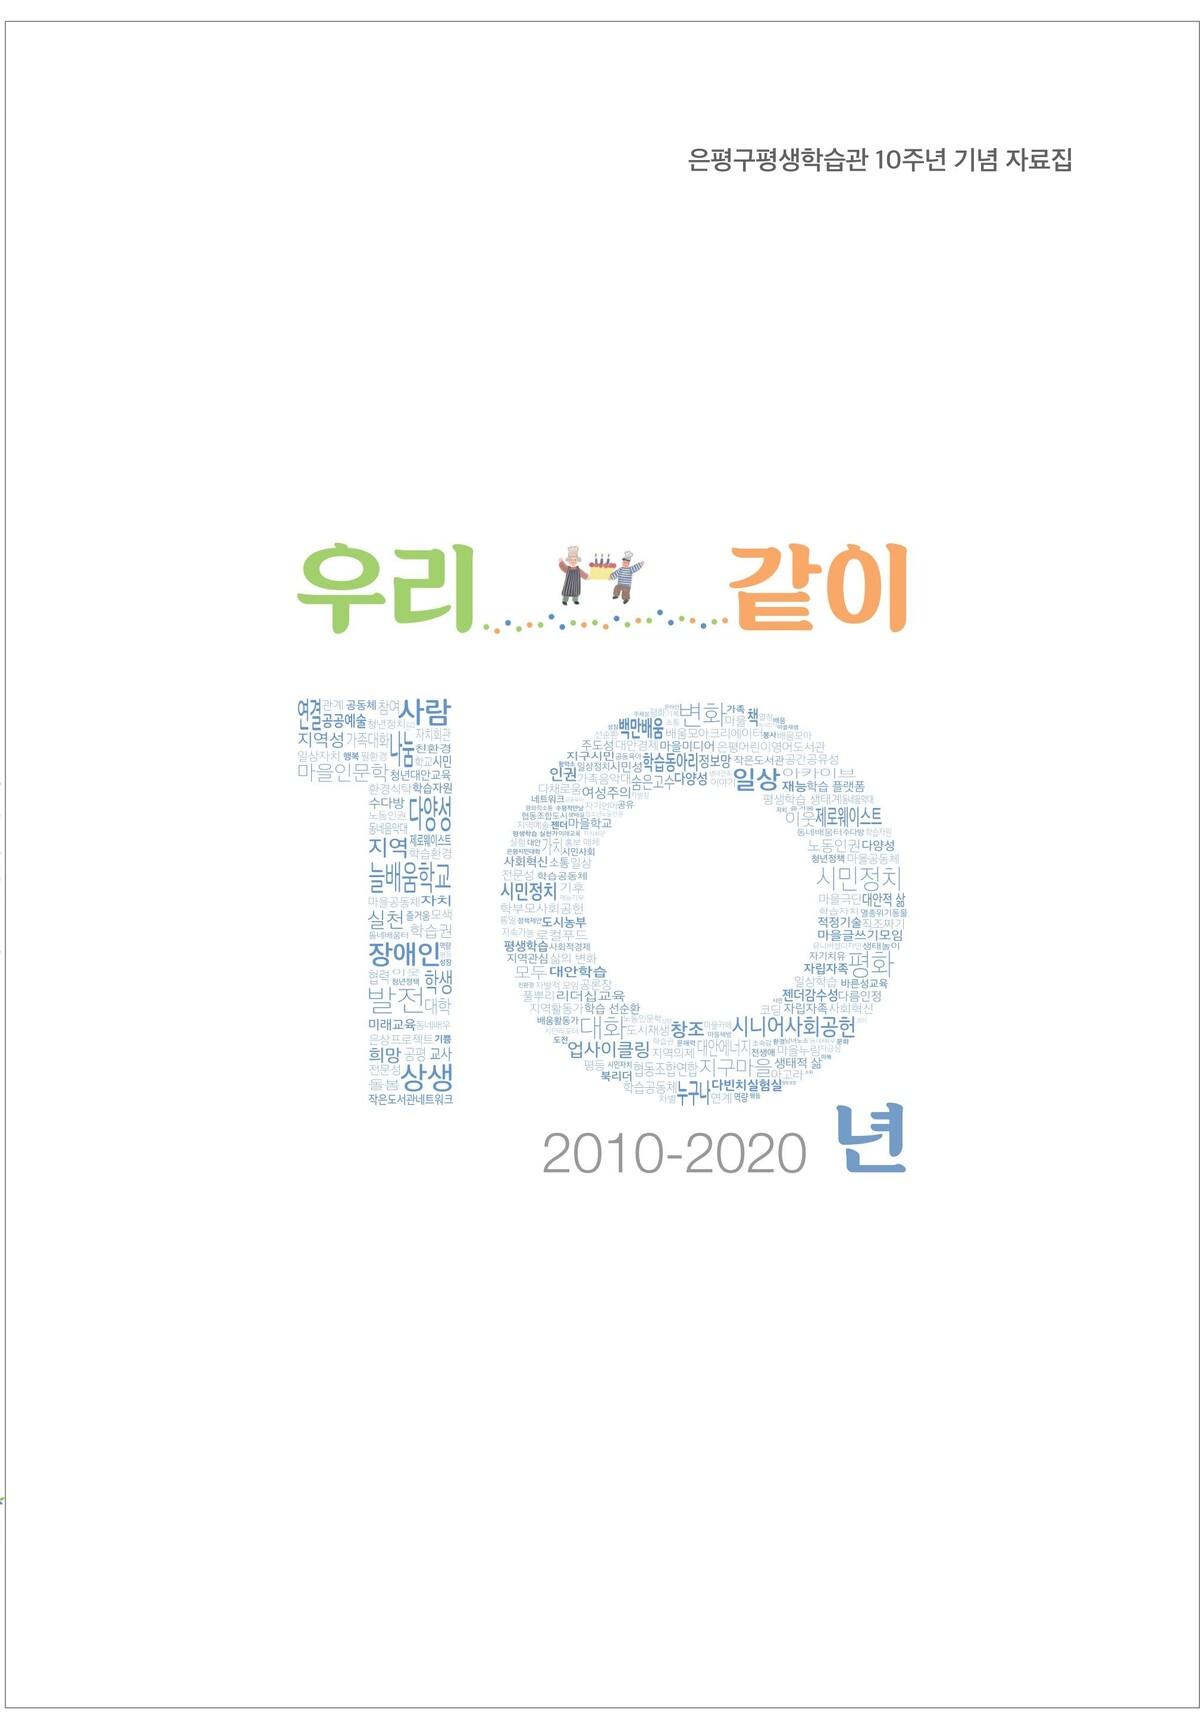 10주년 자료집 표지1.jpg